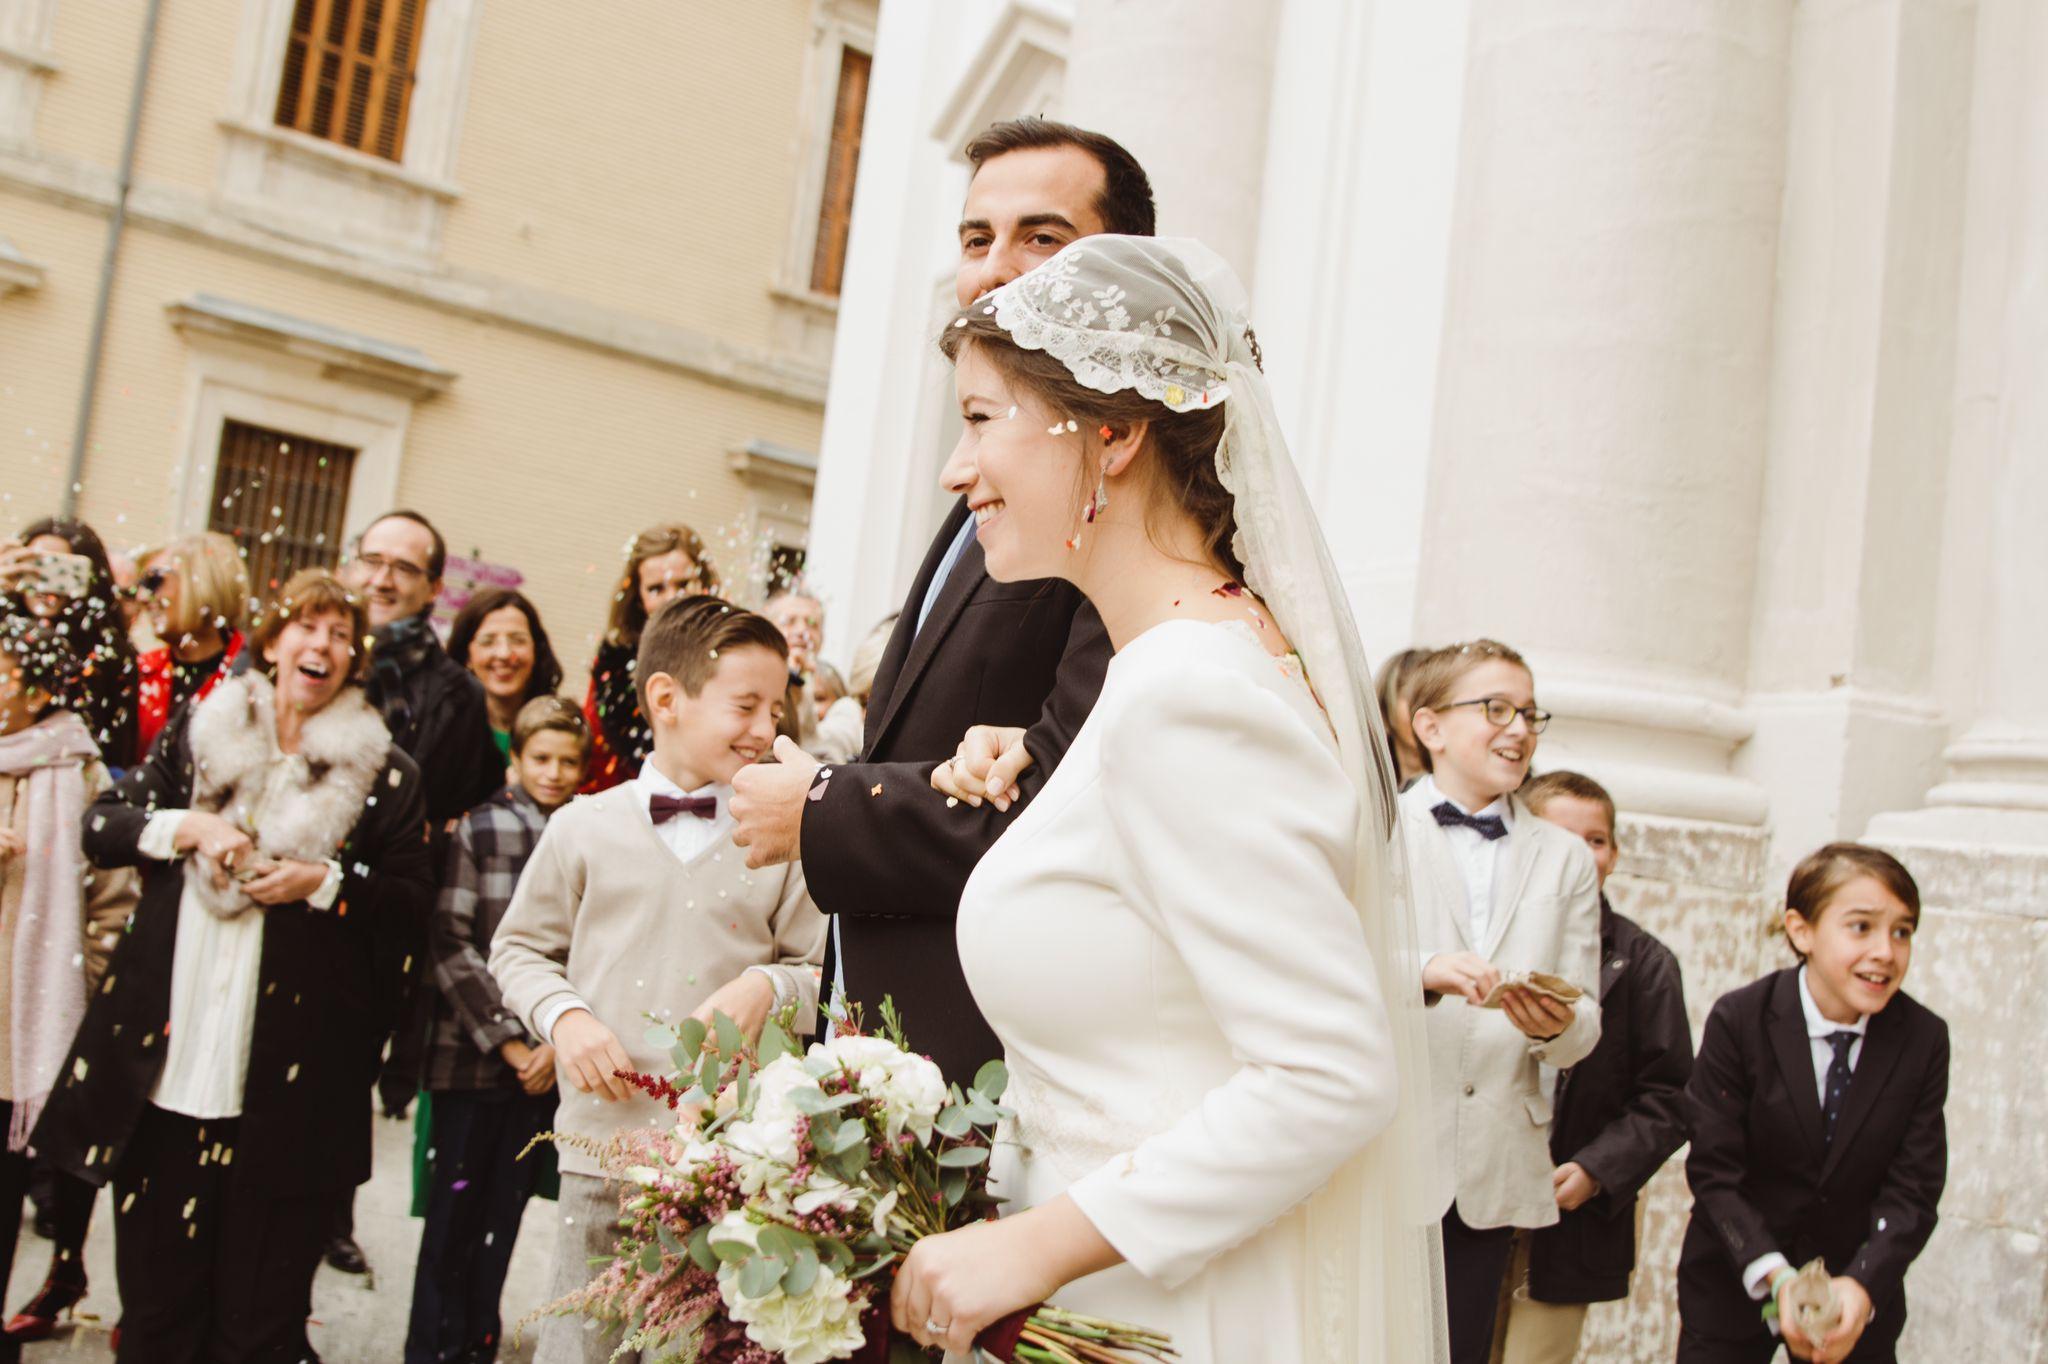 novia con mantilla como llevar la mantilla eva pellejero 24